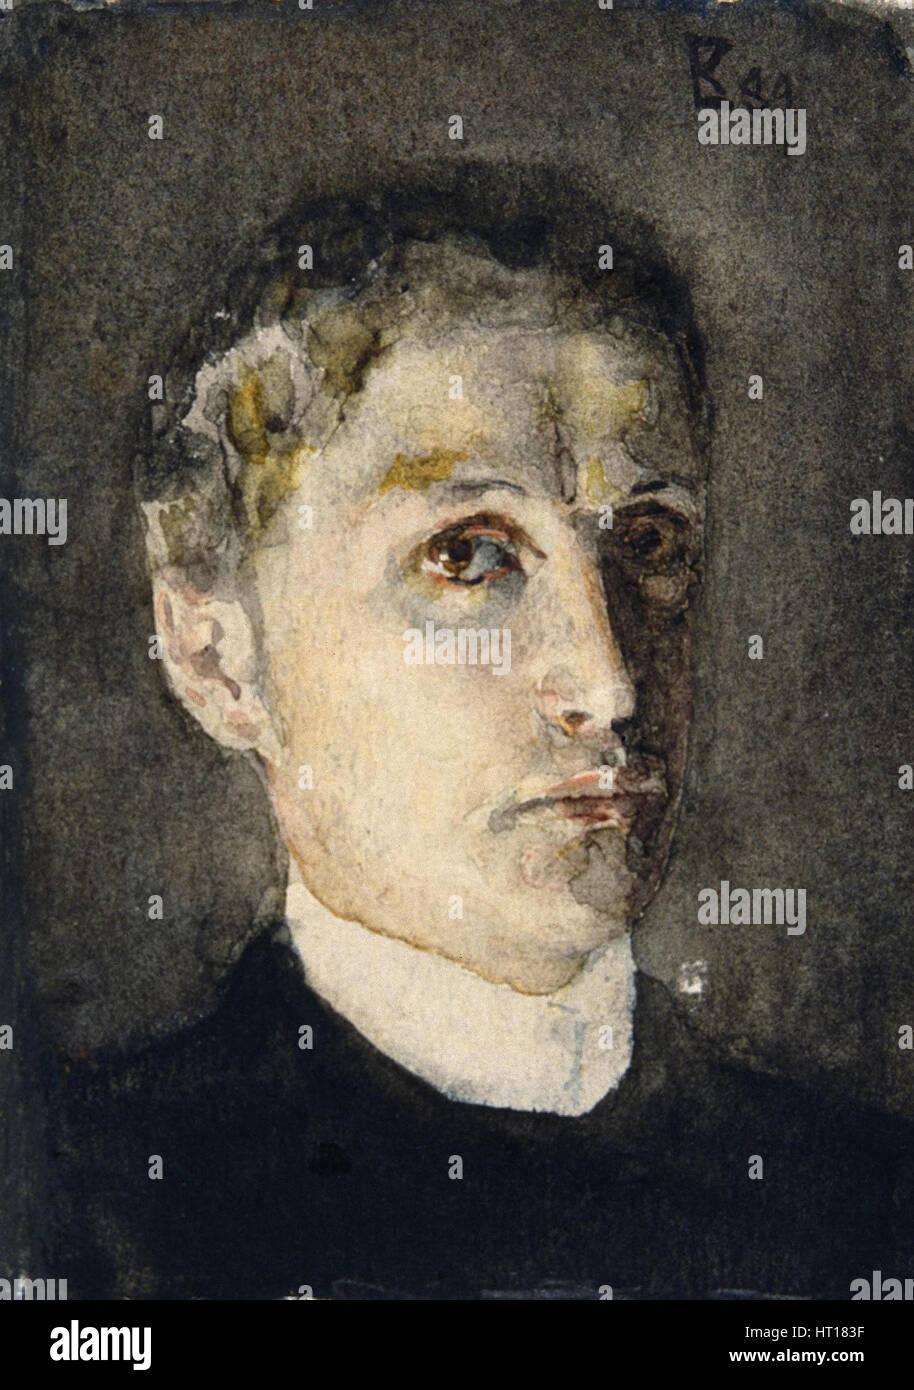 Autoritratto, 1889. Artista: Vrubel, Mikhail Alexandrovich (1856-1910) Immagini Stock